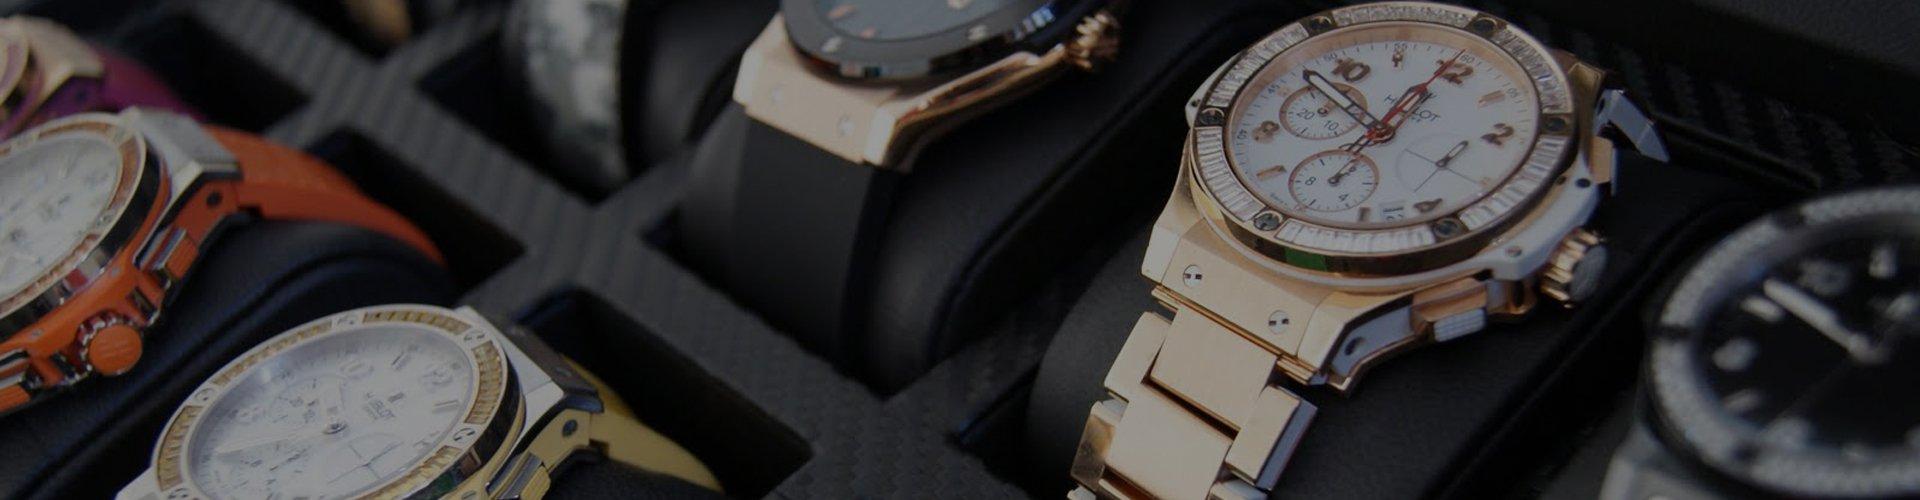 Часов элитная скупка и ссср каталог стоимость луч часы